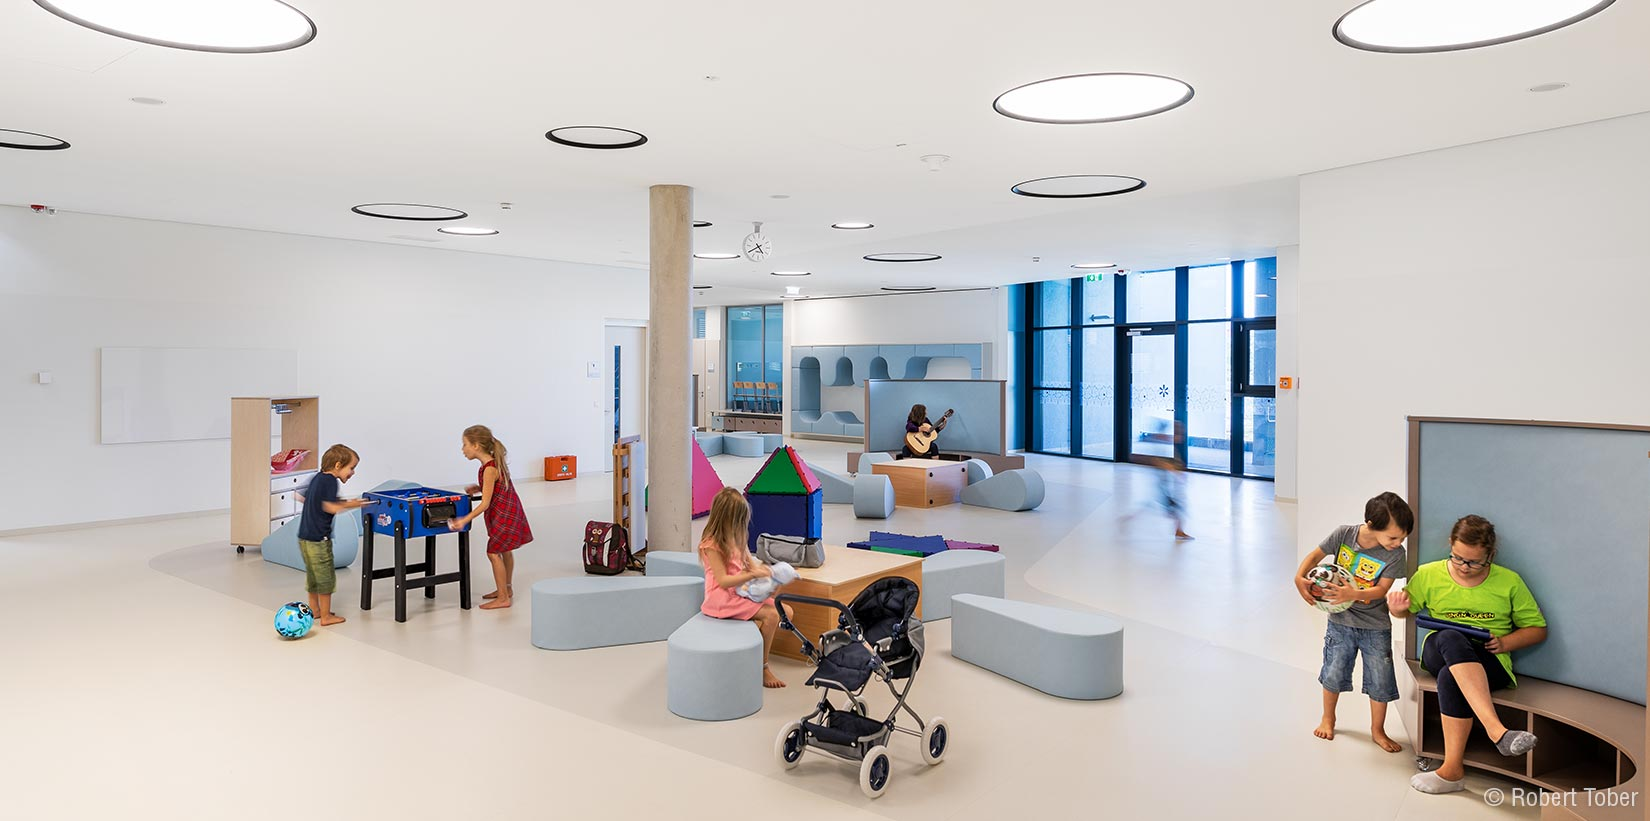 Christine Nöstlinger Bildungscampus Wien. Multifunktionszone mit lernenden und spielenden Kindern © Robert Tober Photography · www.toro.cc